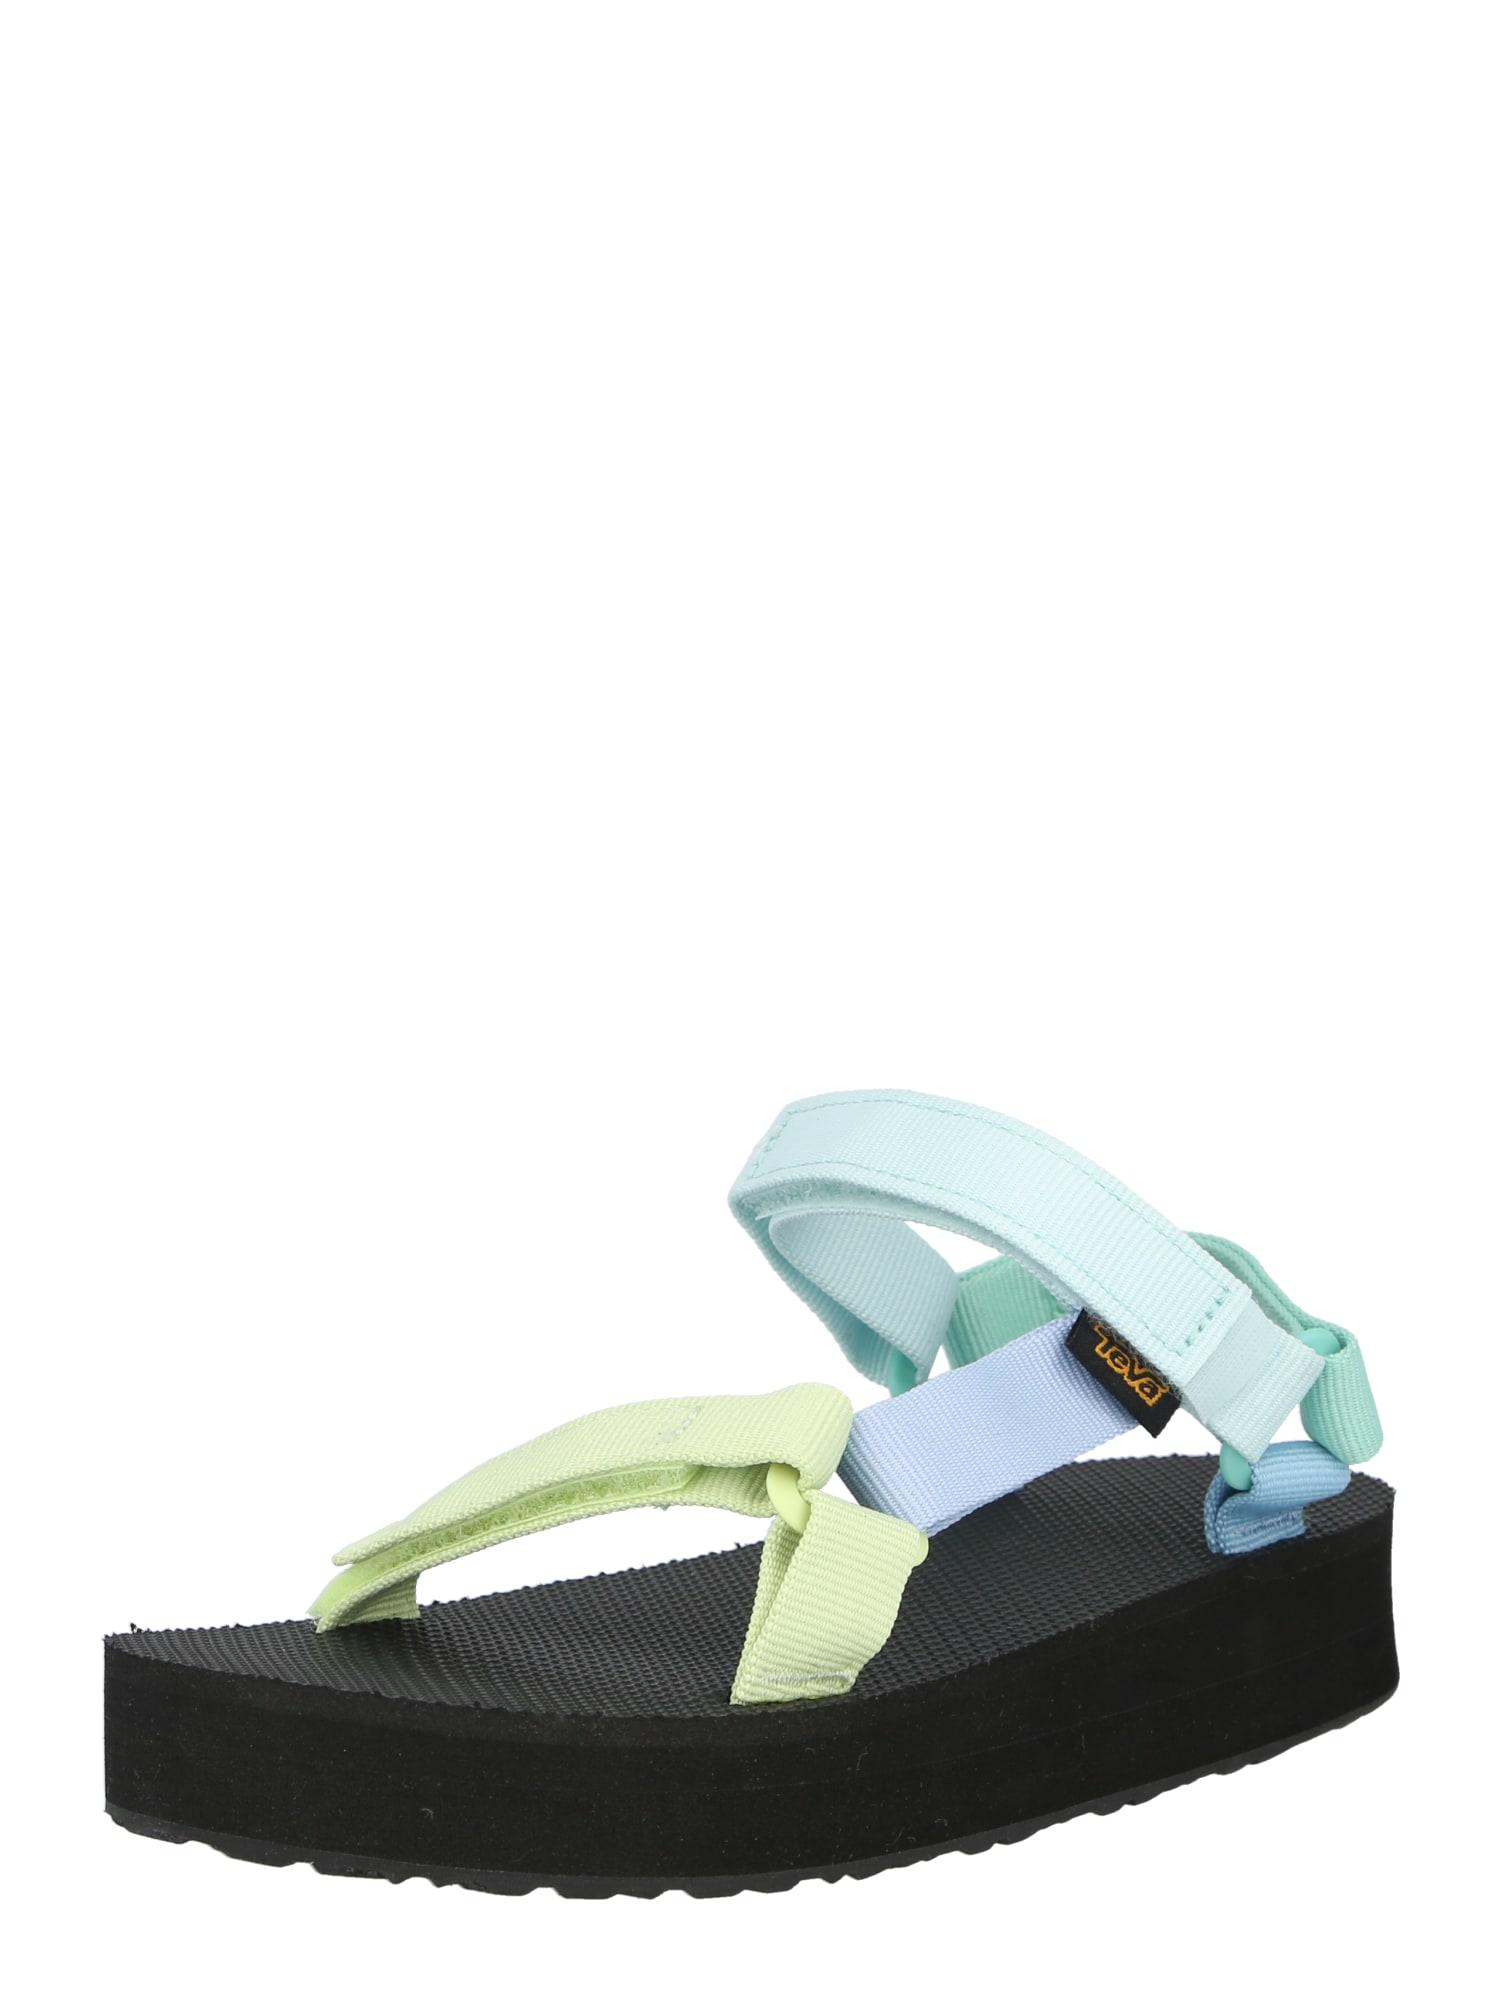 TEVA Atviri batai šviesiai mėlyna / mėtų spalva / šviesiai geltona / juoda